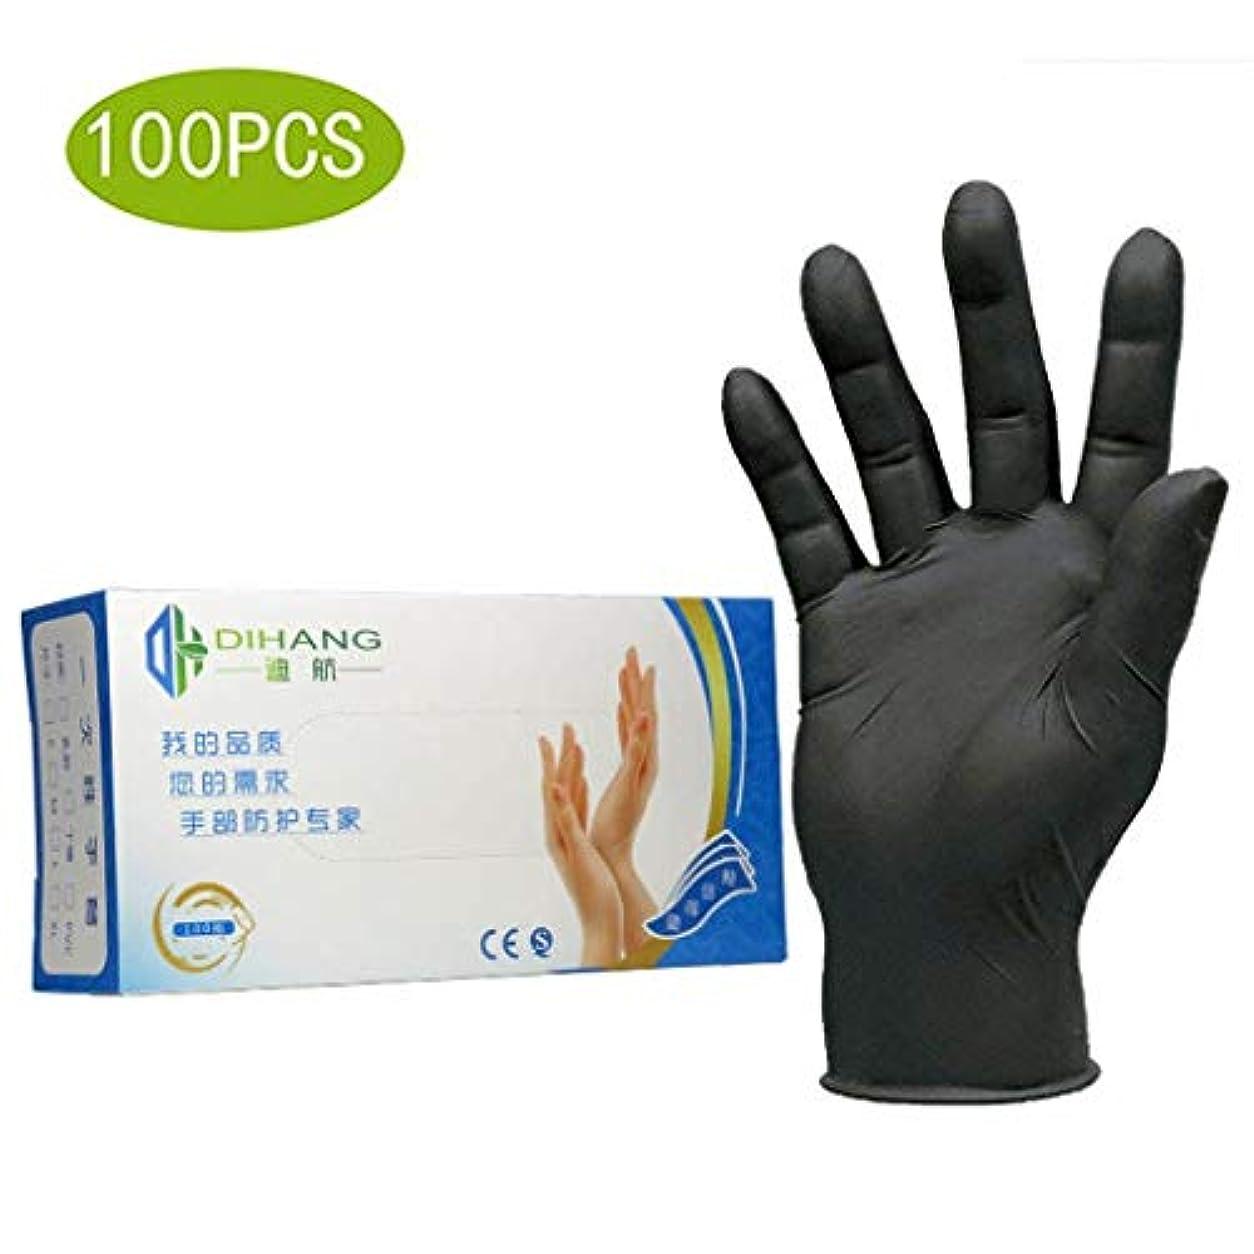 遅い書誌群集100倍使い捨て手袋耐酸性および耐アルカリ性試験軽量安全フィットニトリル手袋中粉末フリーラテックスフリータトゥー理髪産業加工労働保険 (Size : M)